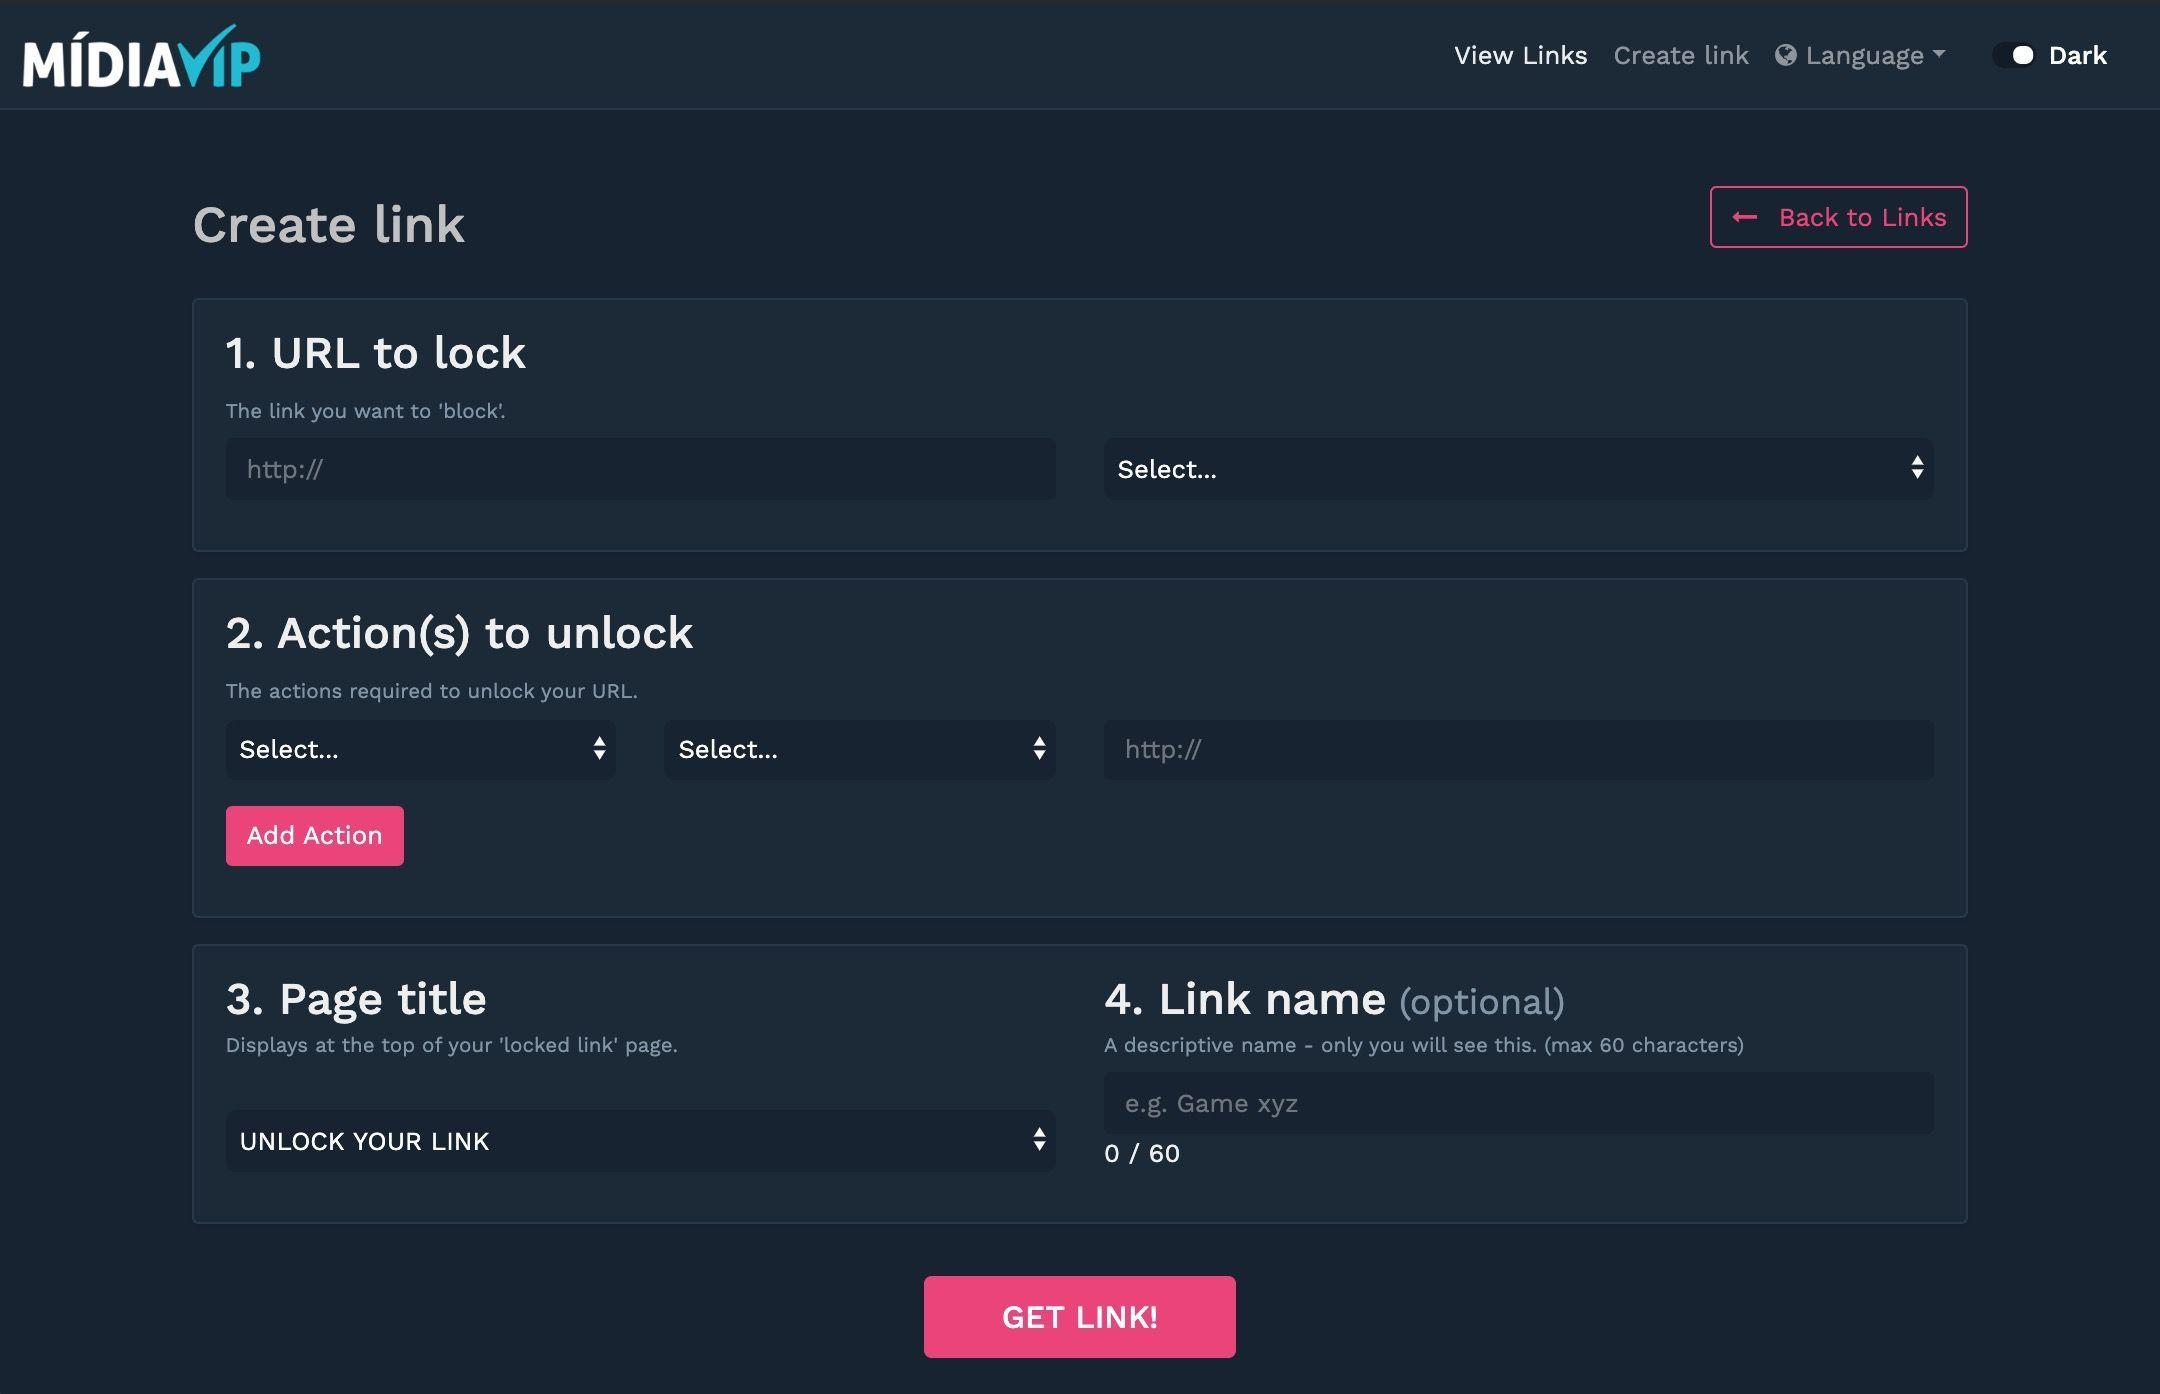 Midia VIP URL Link blocker shortener